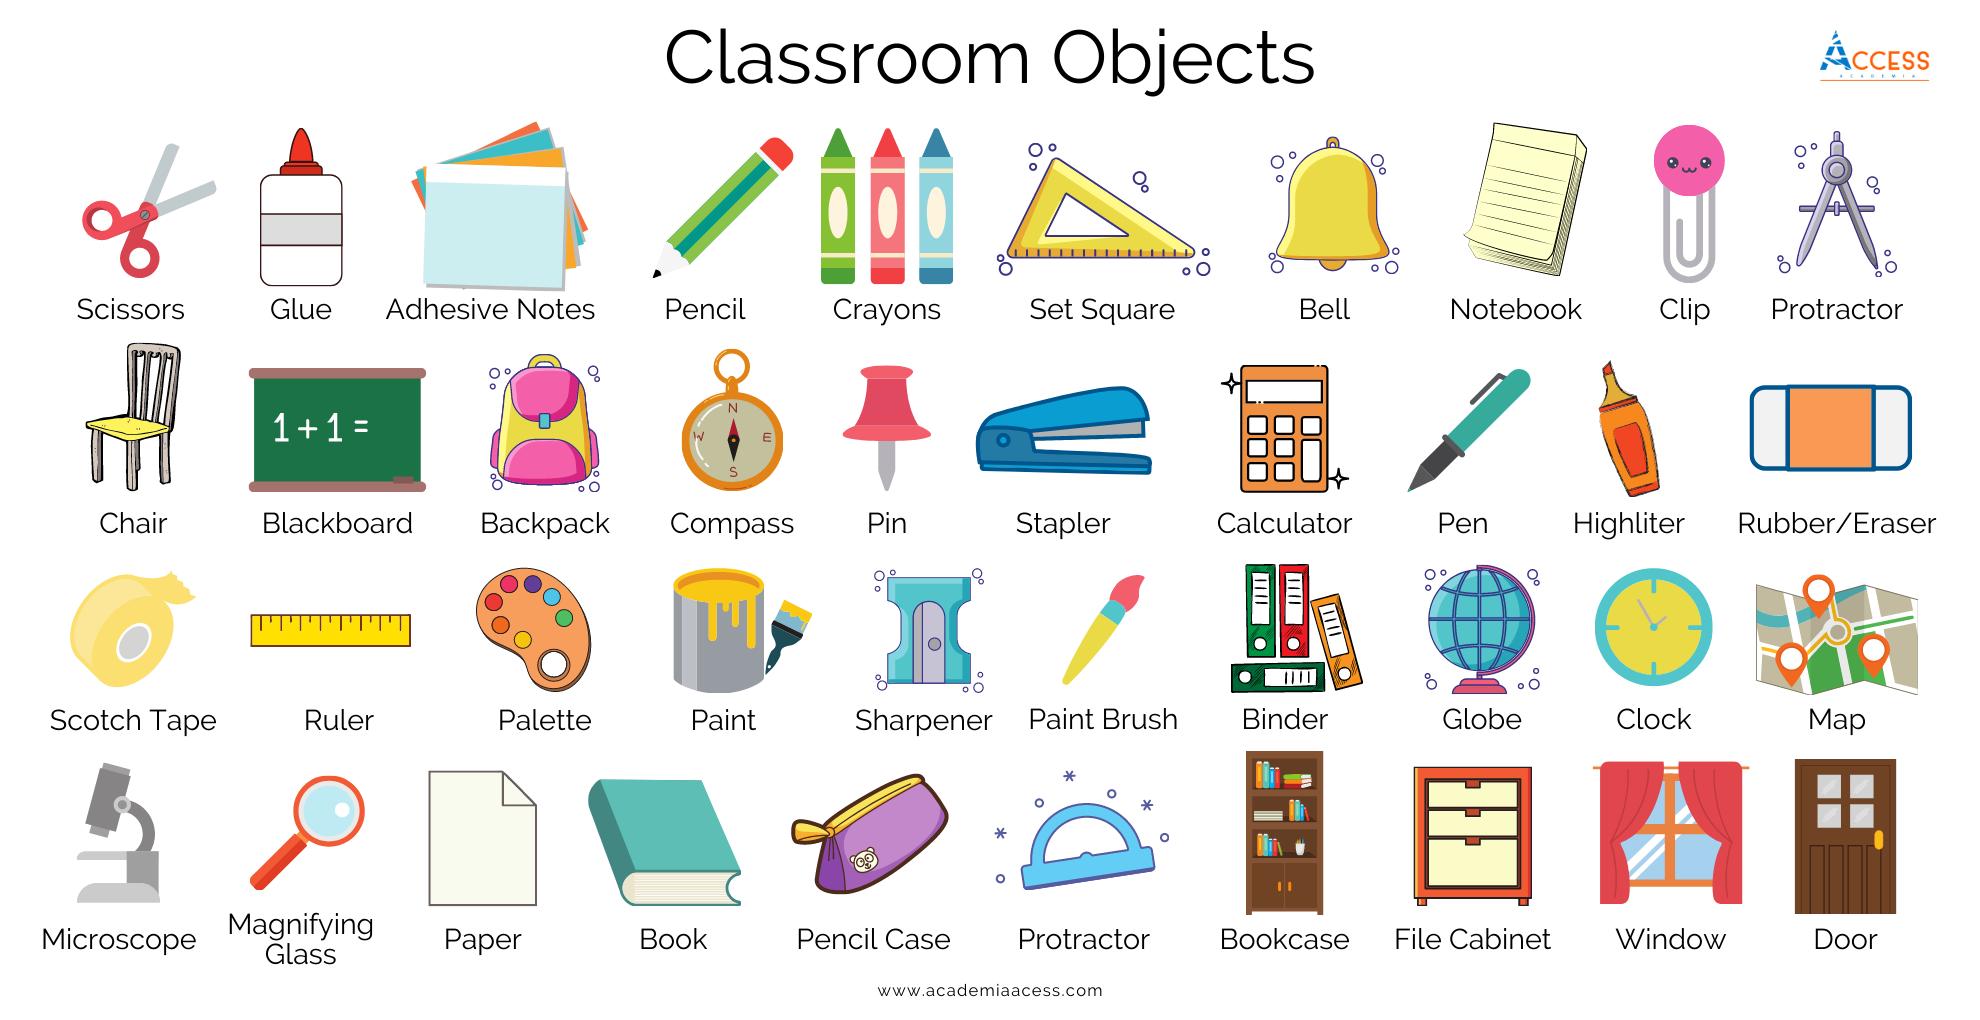 objetos del salon de clases, classroom objects, academia access, aprende inglés gratis